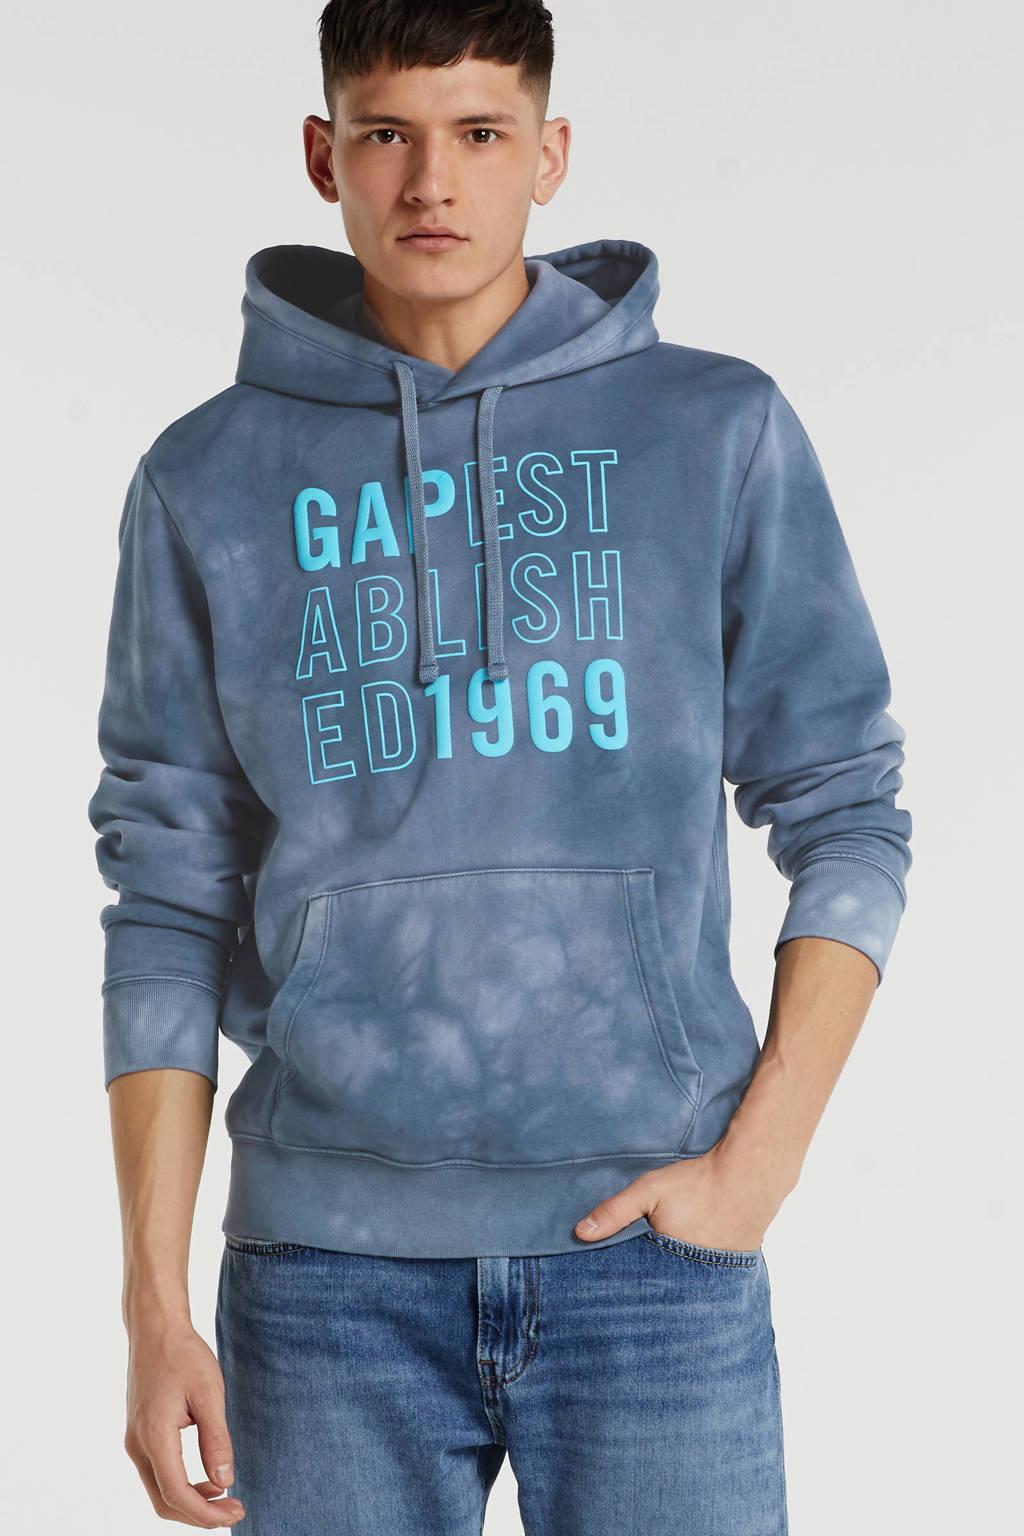 GAP hoodie met printopdruk grijsblauw/blauw, Grijsblauw/blauw